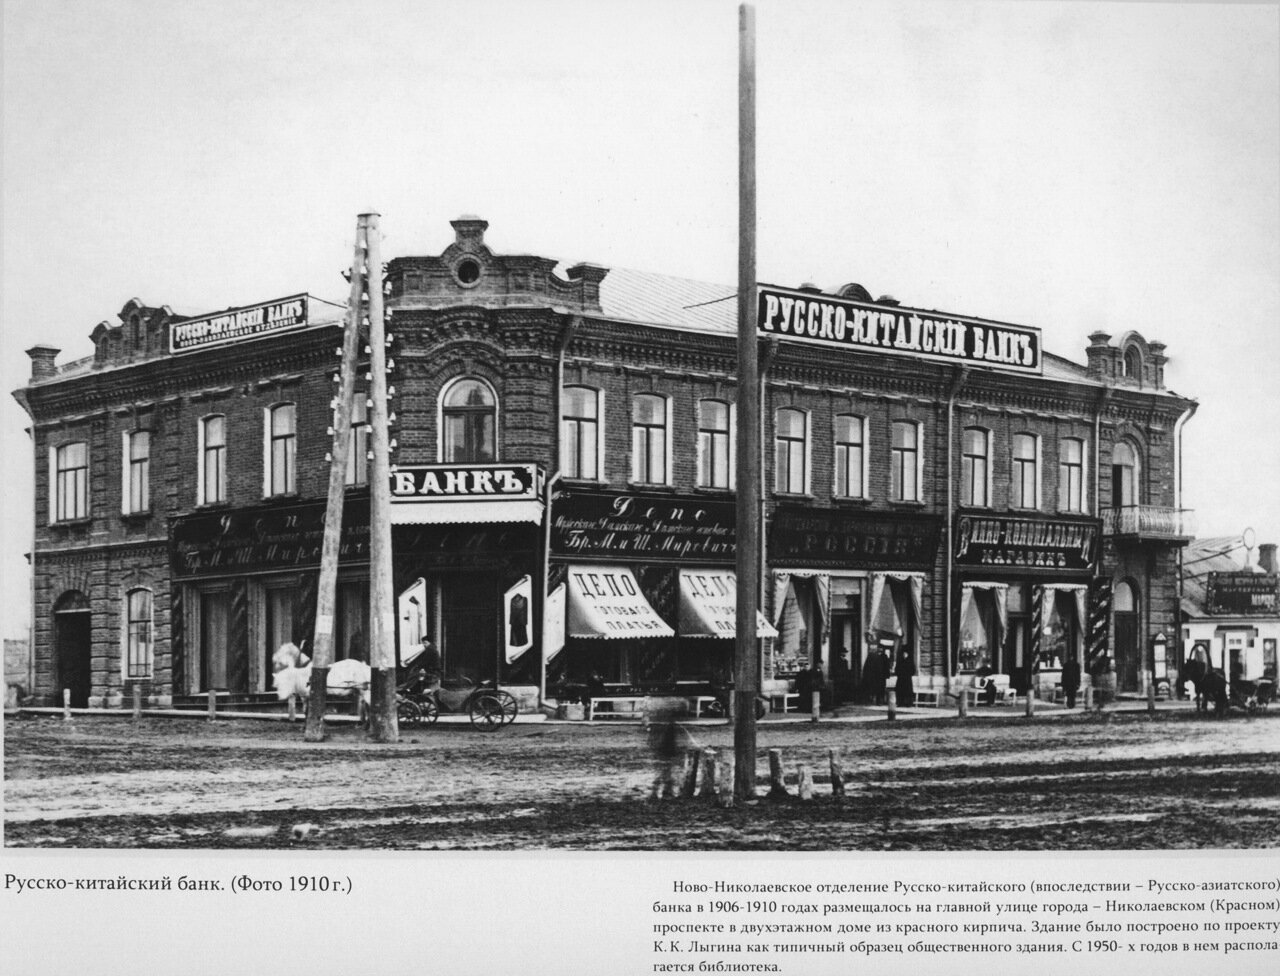 Русско-китайский банк, 1910-е годы